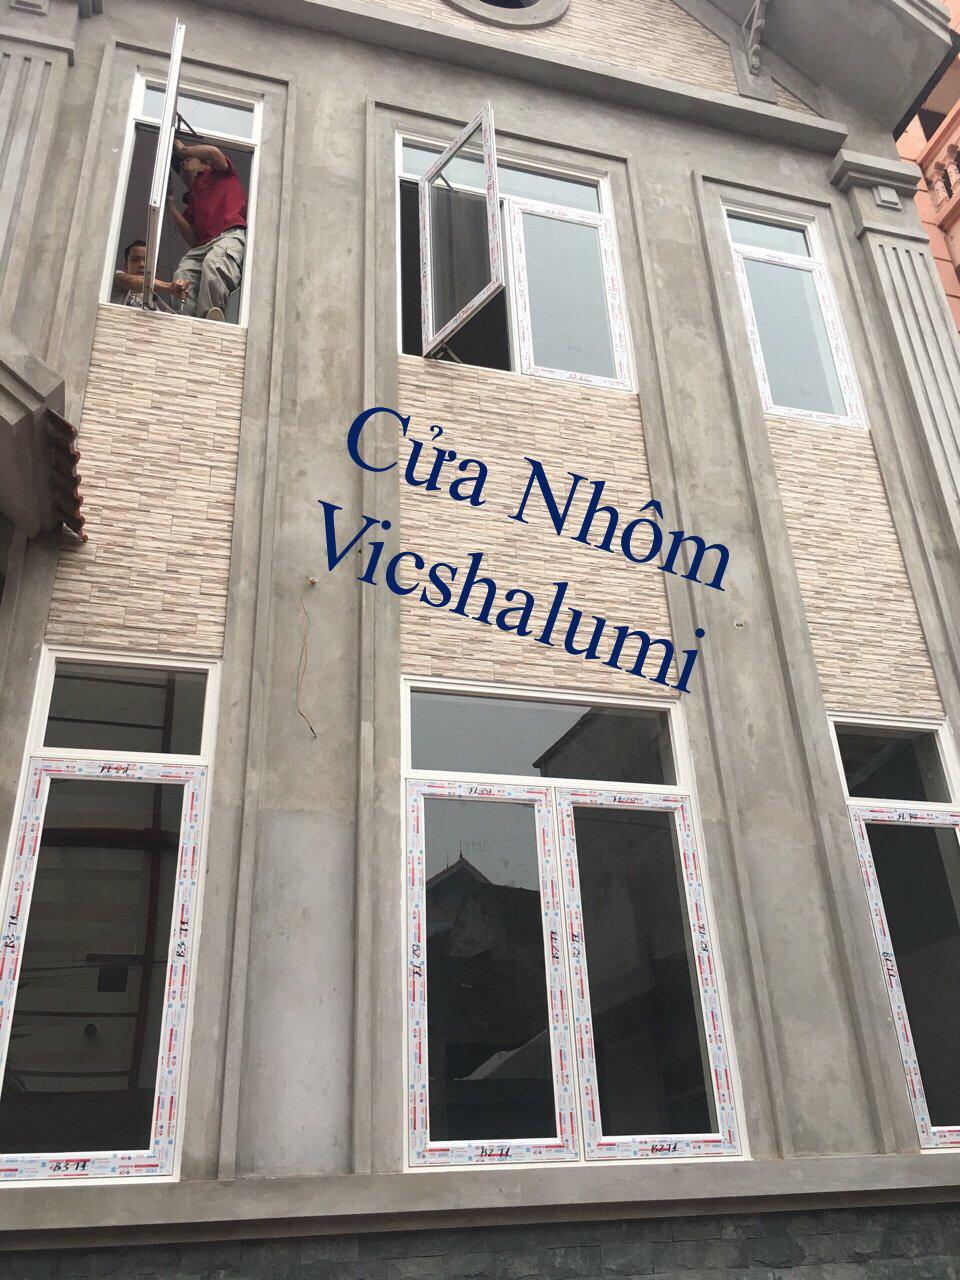 Mẫu Cửa Nhôm Vicshalumi